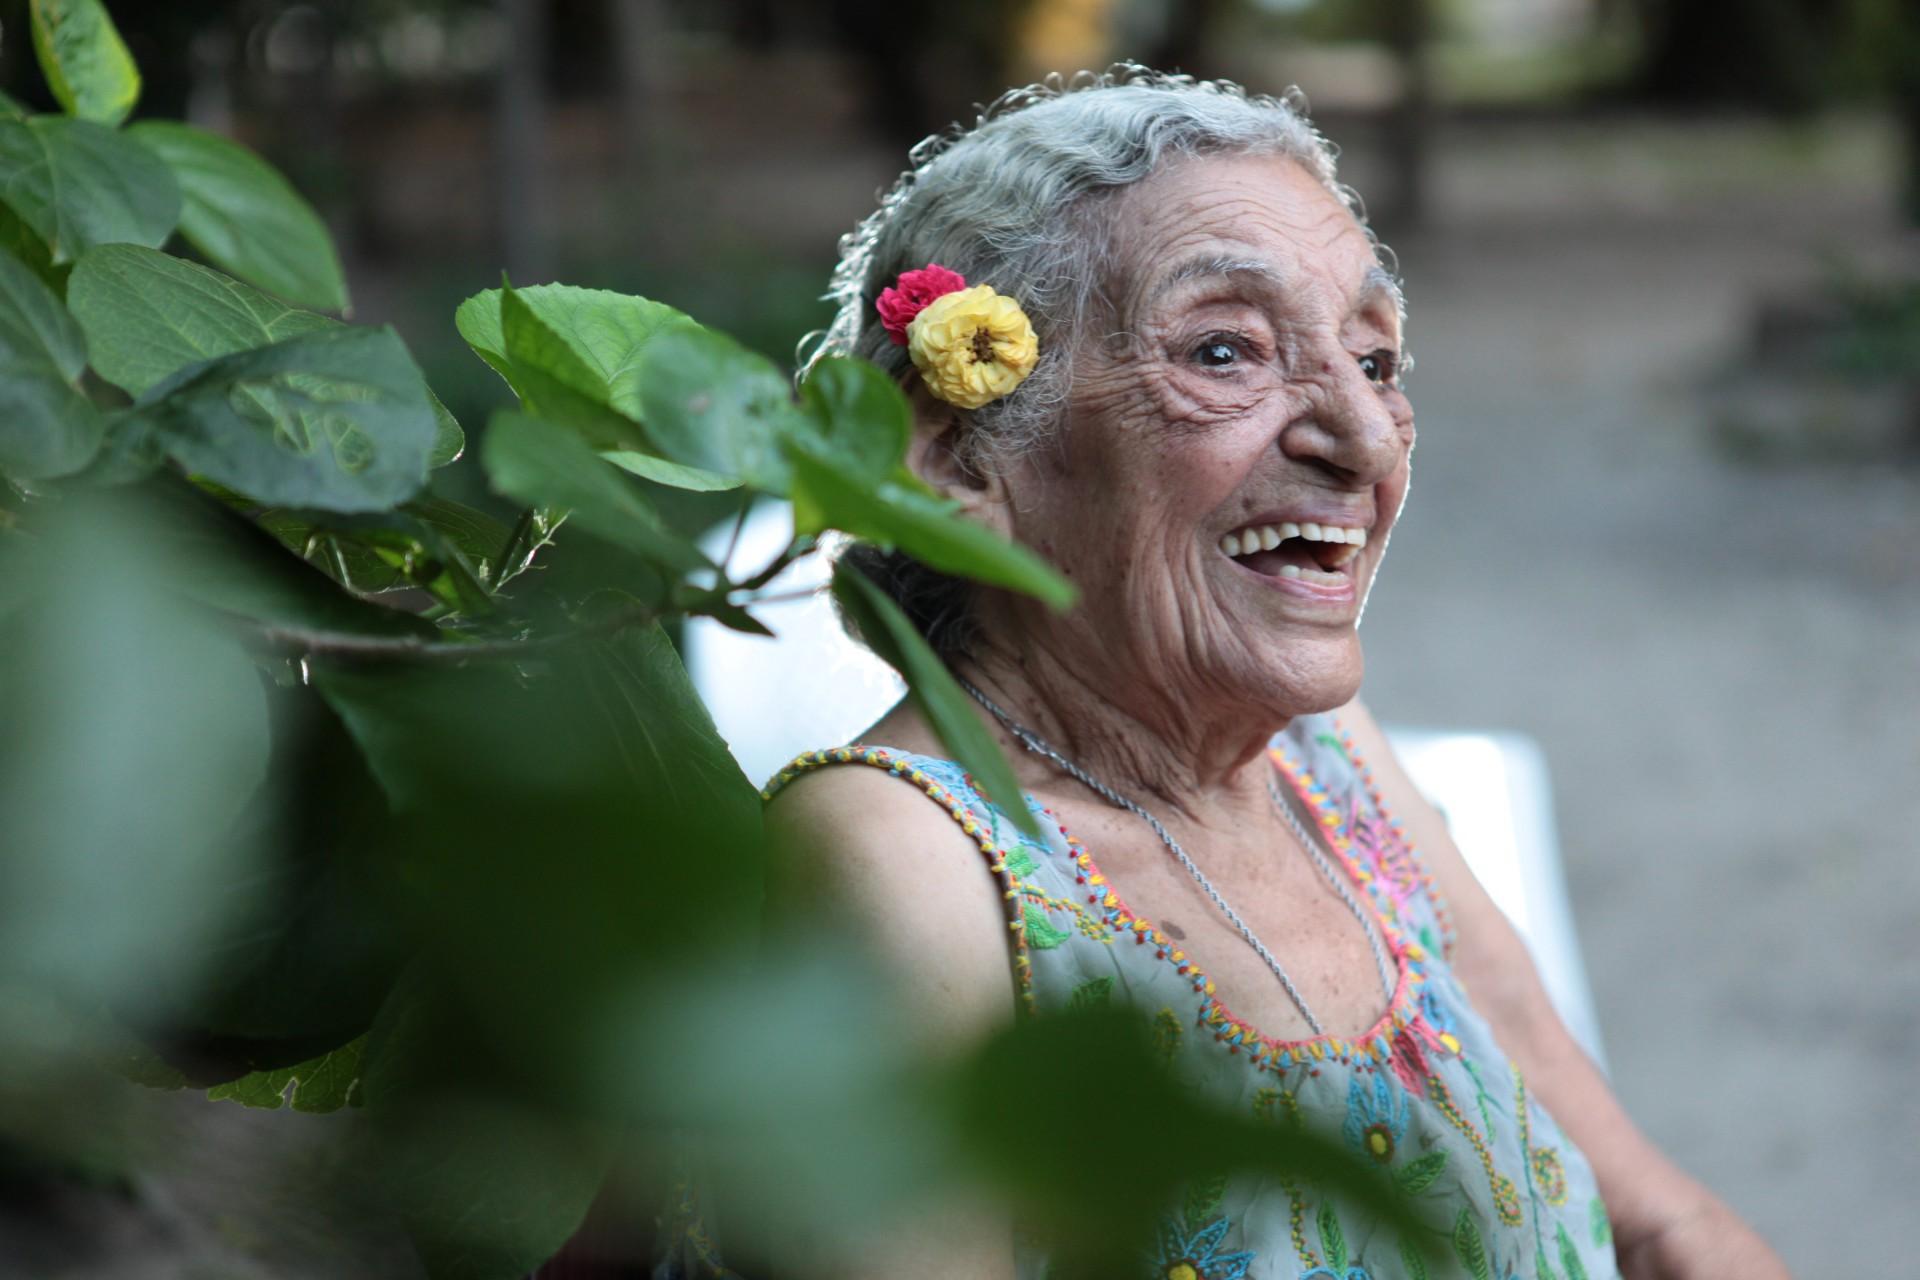 Pioneira das artes no Ceará, Nice Firmeza ingressou na histórica Sociedade Cearense de Artes Plásticas (SCAP) em 1950 (Foto: Sara Maia, em 22/02/2012)